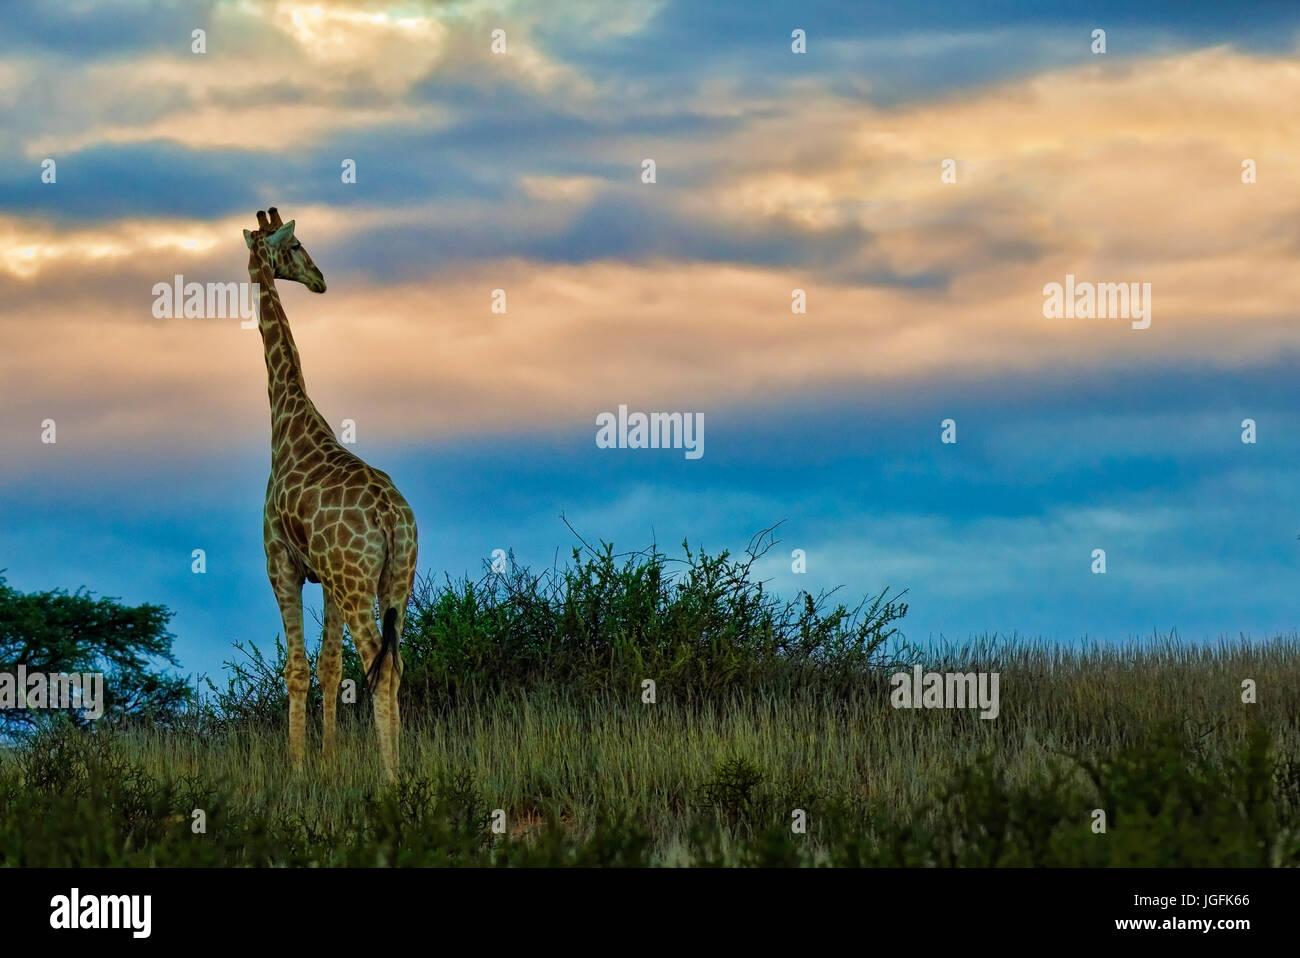 Giraffe ,Giraffa camelopardalis, es el más alto y el más grande de los animales rumiantes. Visto aquí Imagen De Stock